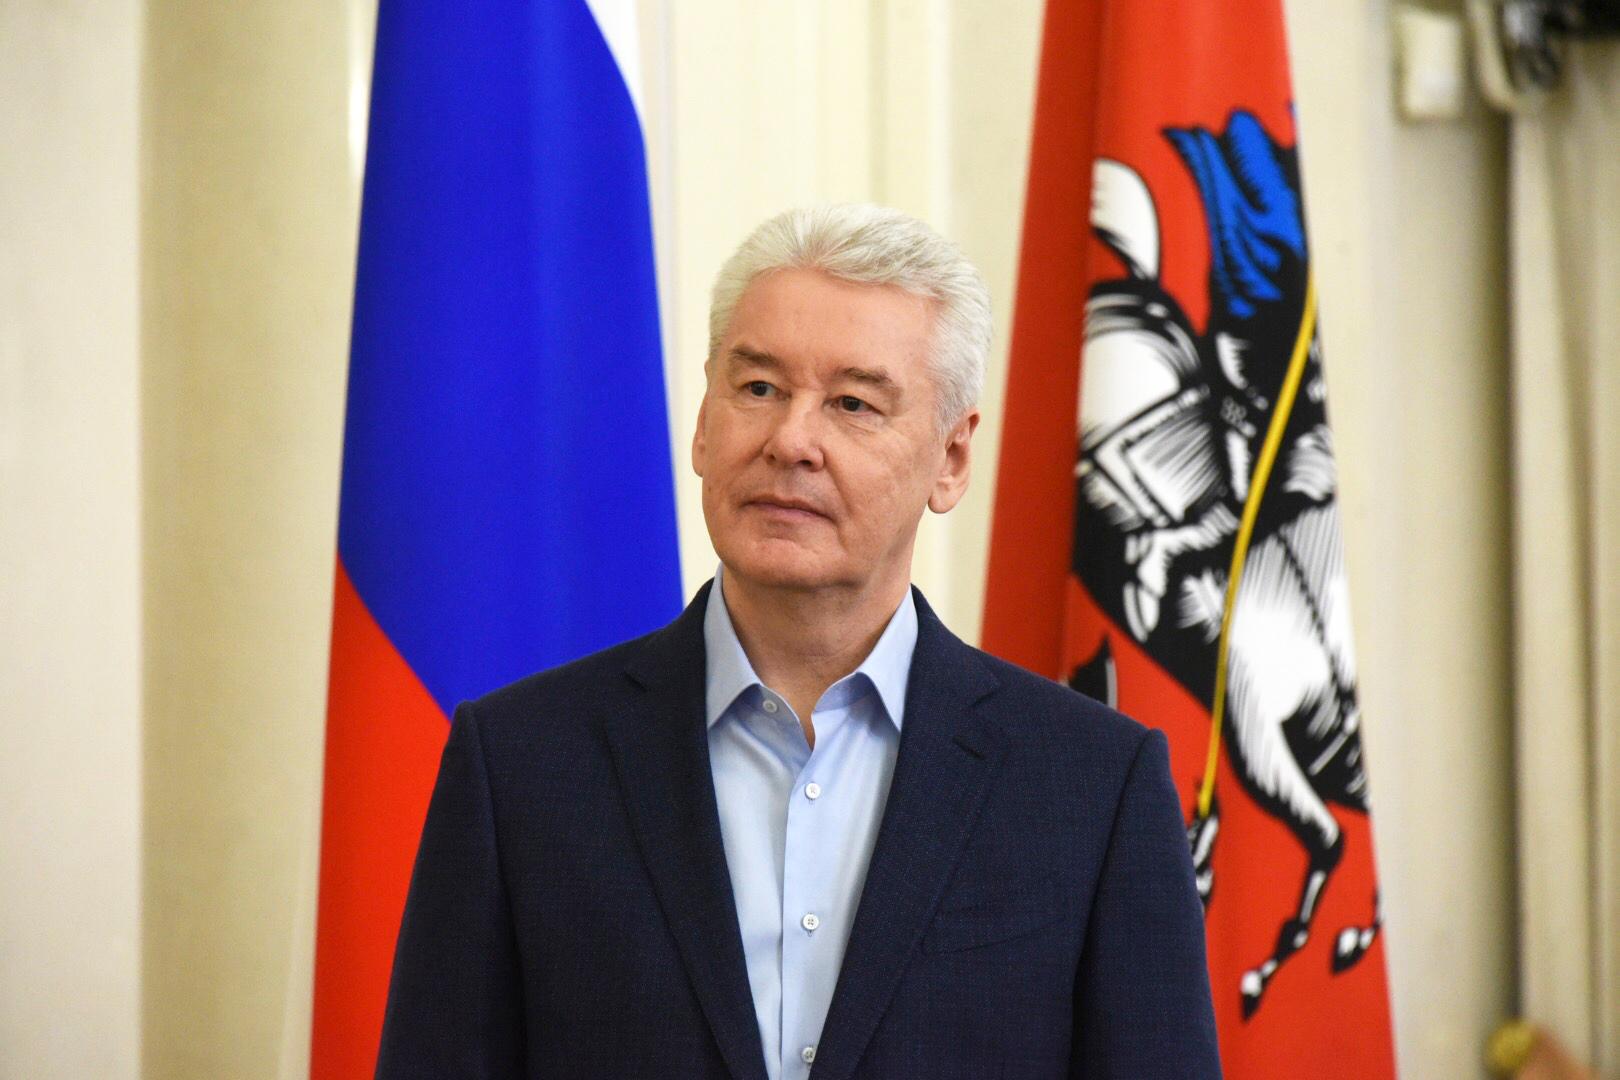 Собянин: Оборот МСП на потребительском рынке достиг 95% от значений марта